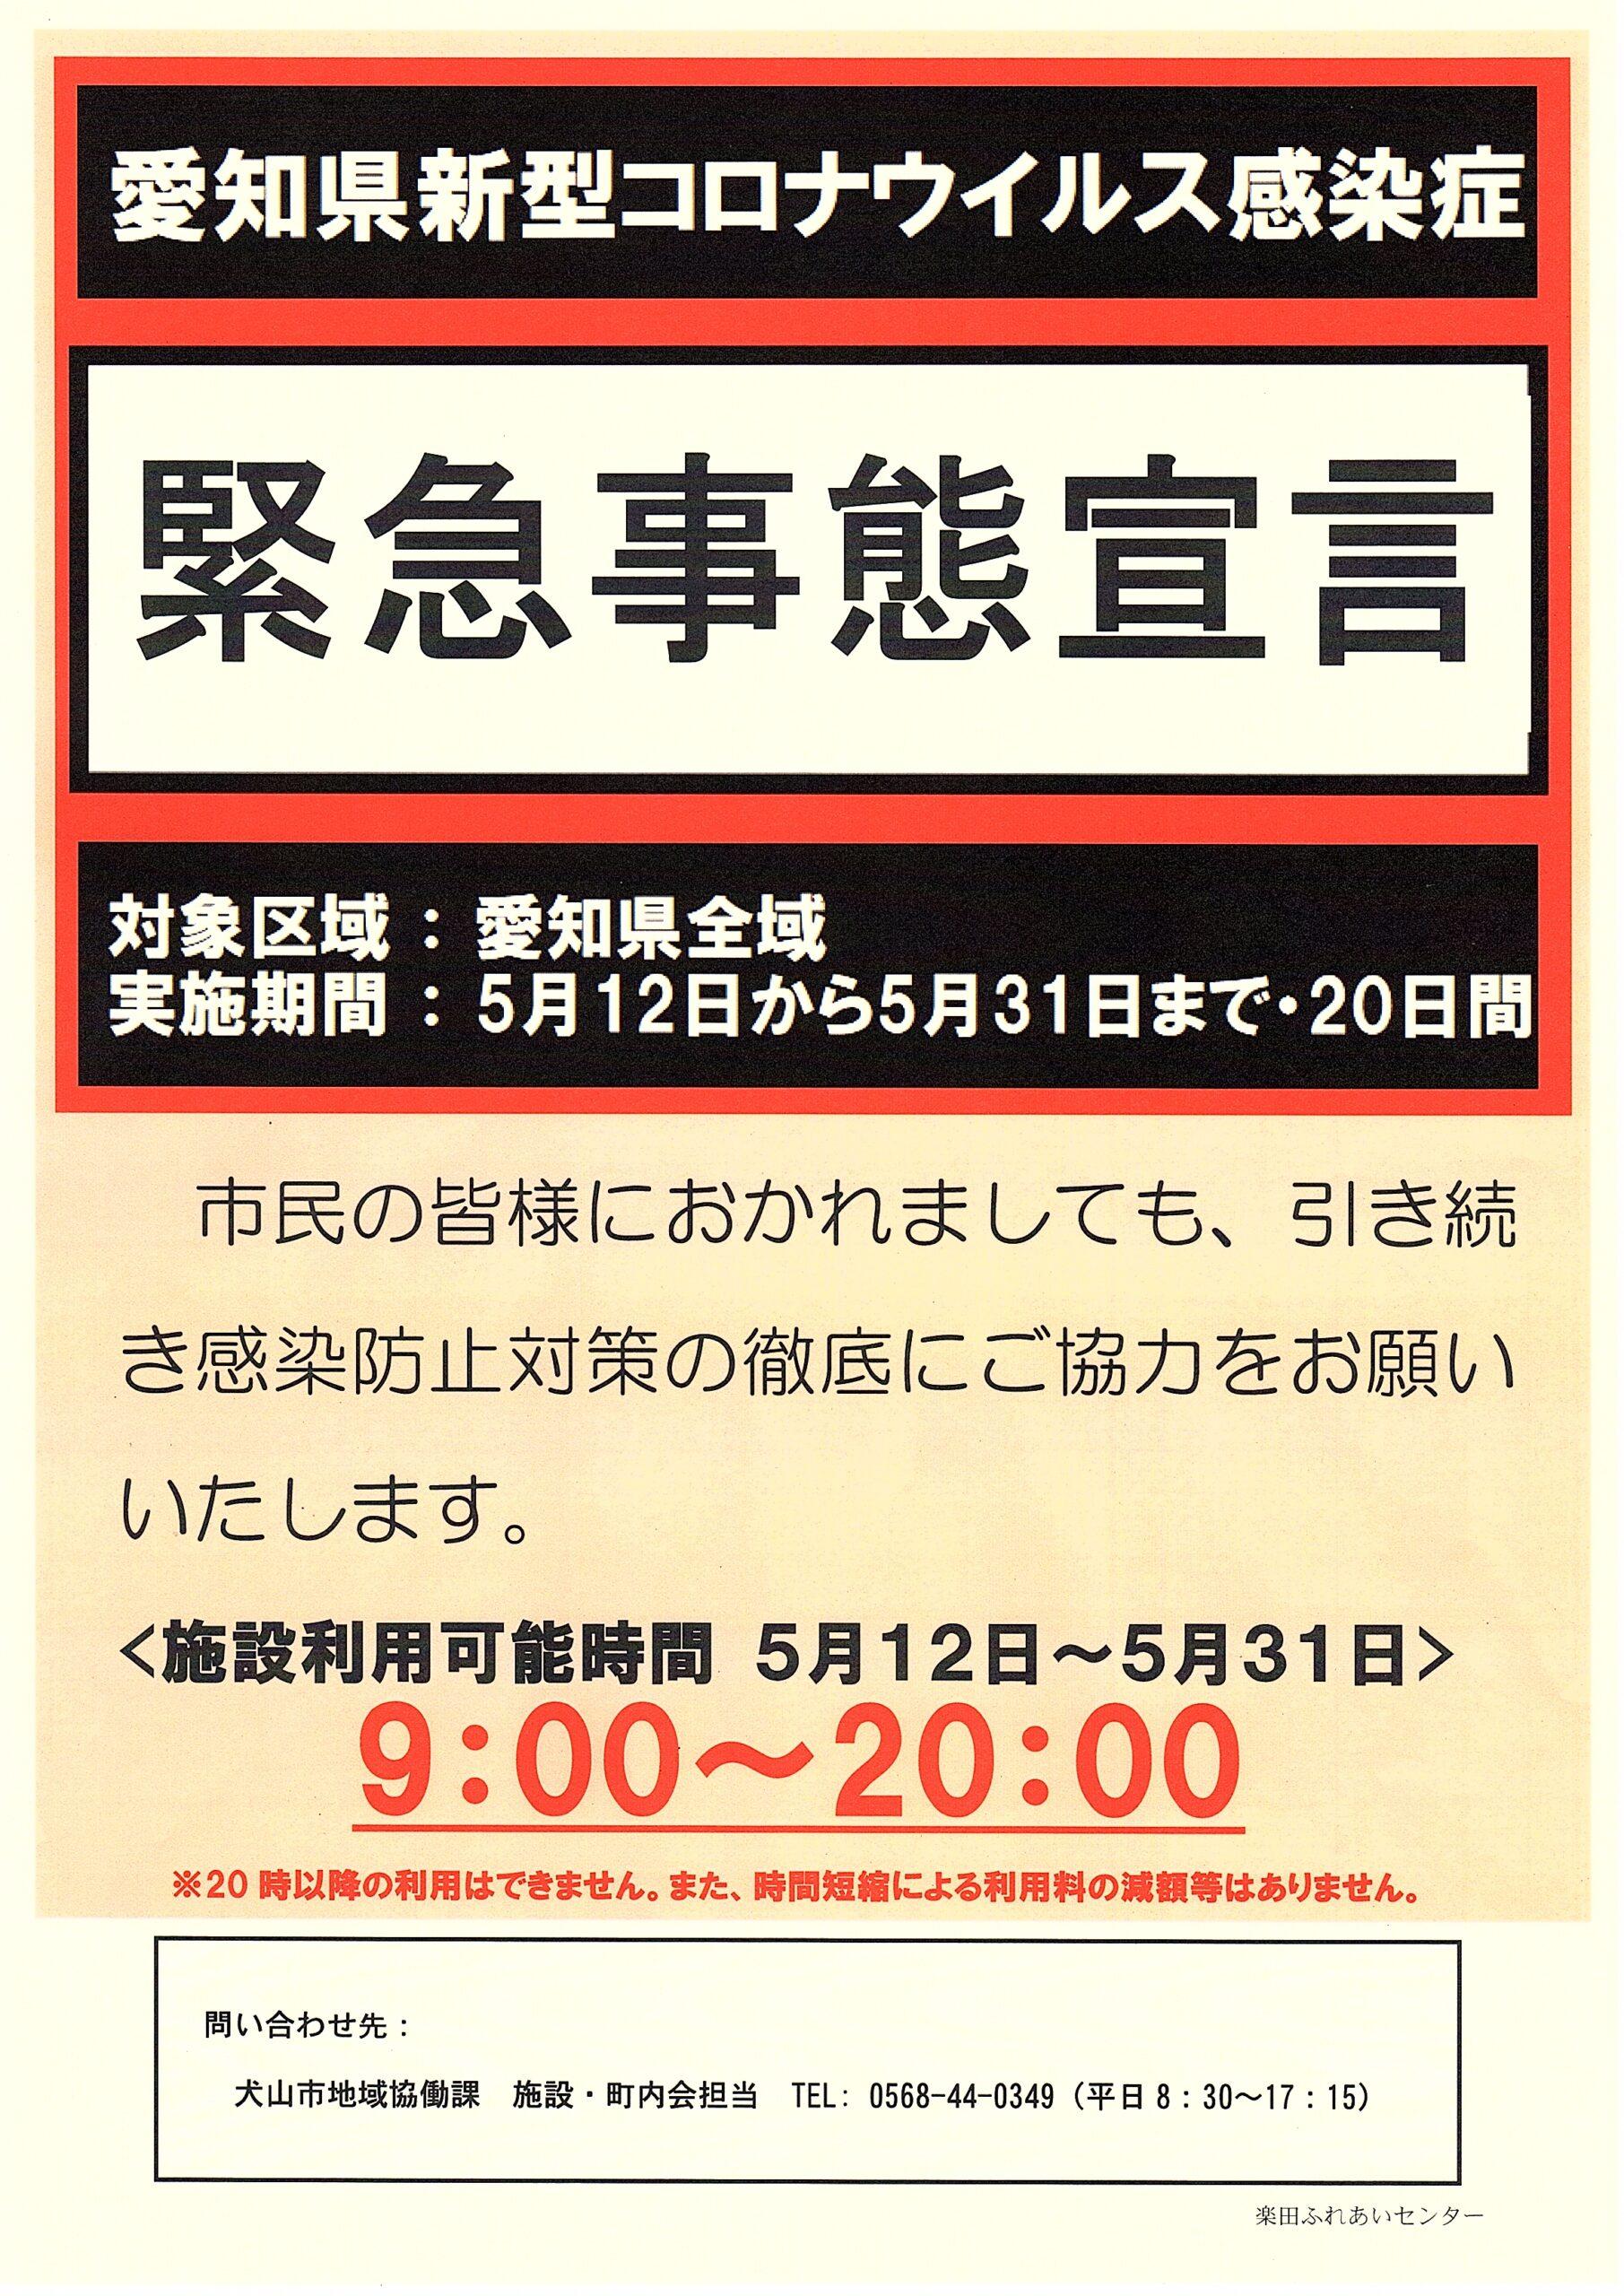 緊急事態宣言 (5/12~5/31)